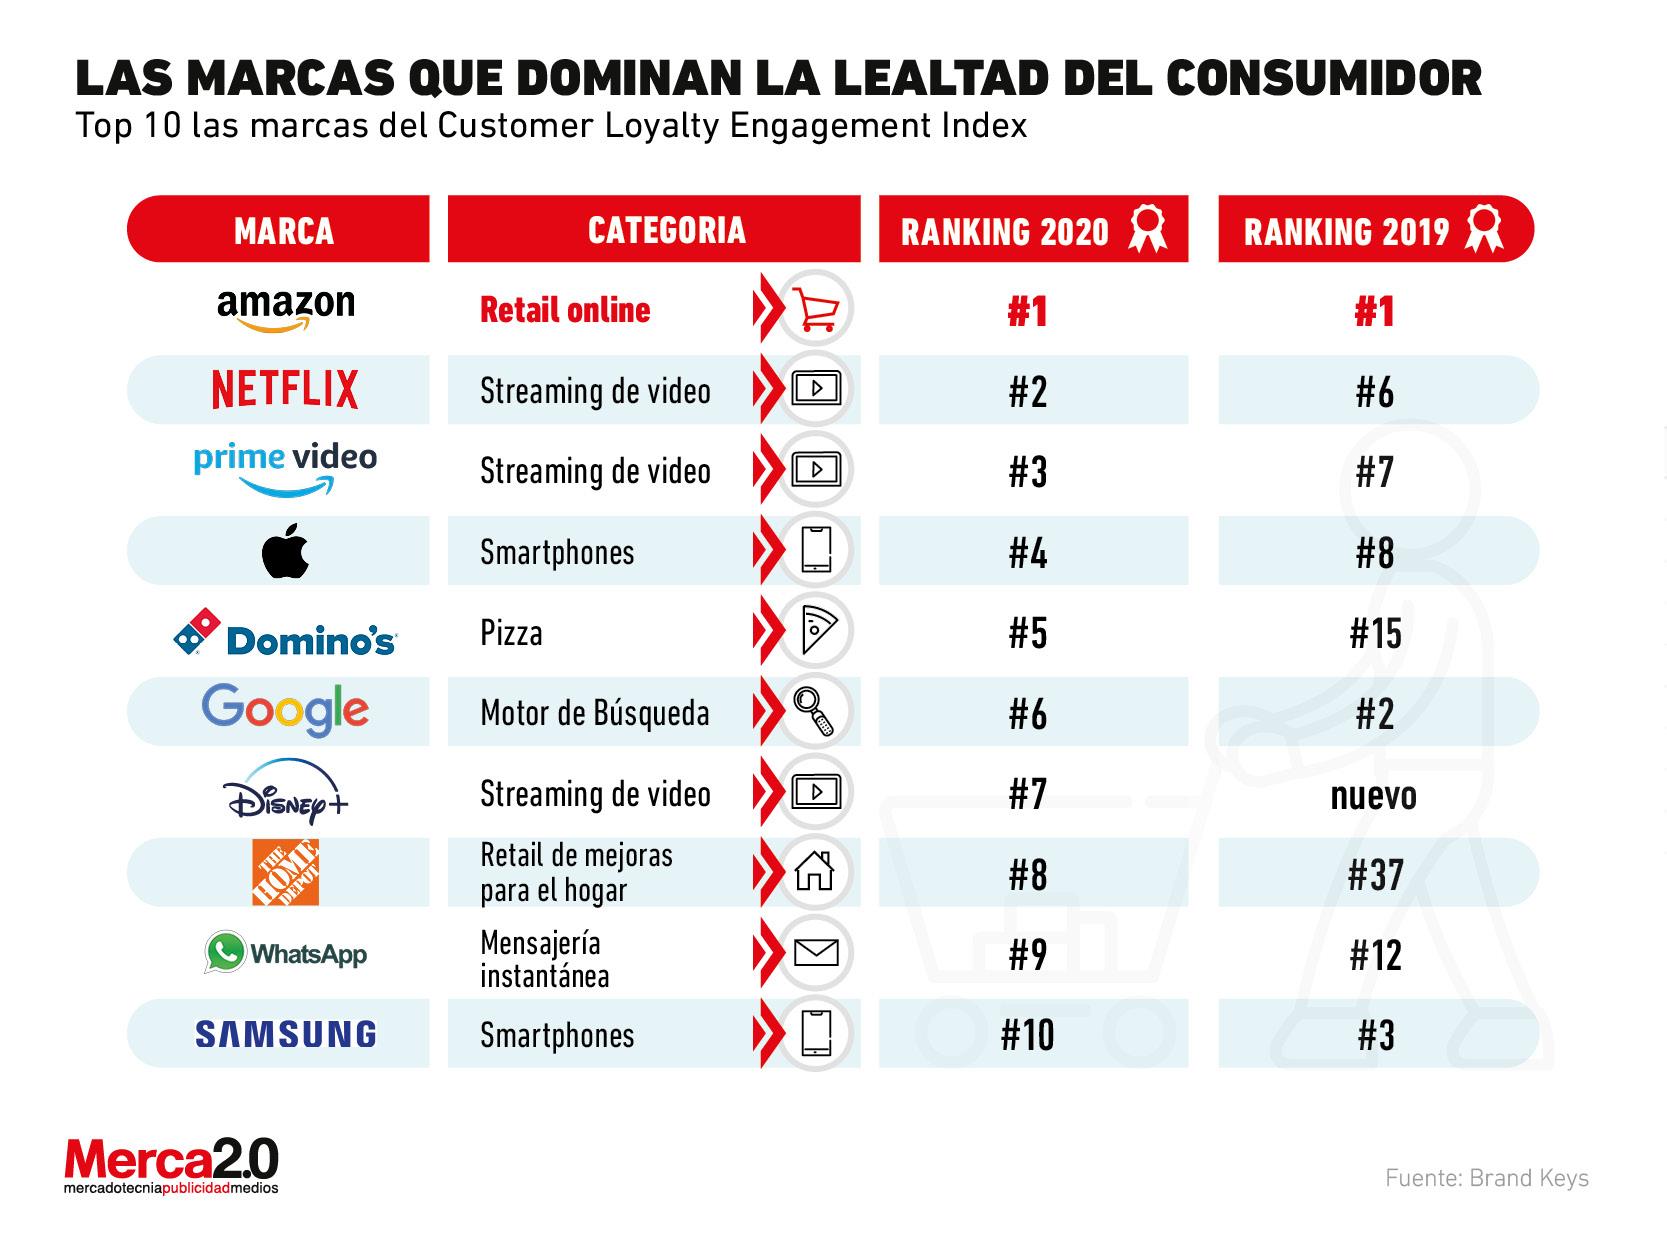 Estas son las marcas que tienen mayor lealtad por parte de sus consumidores